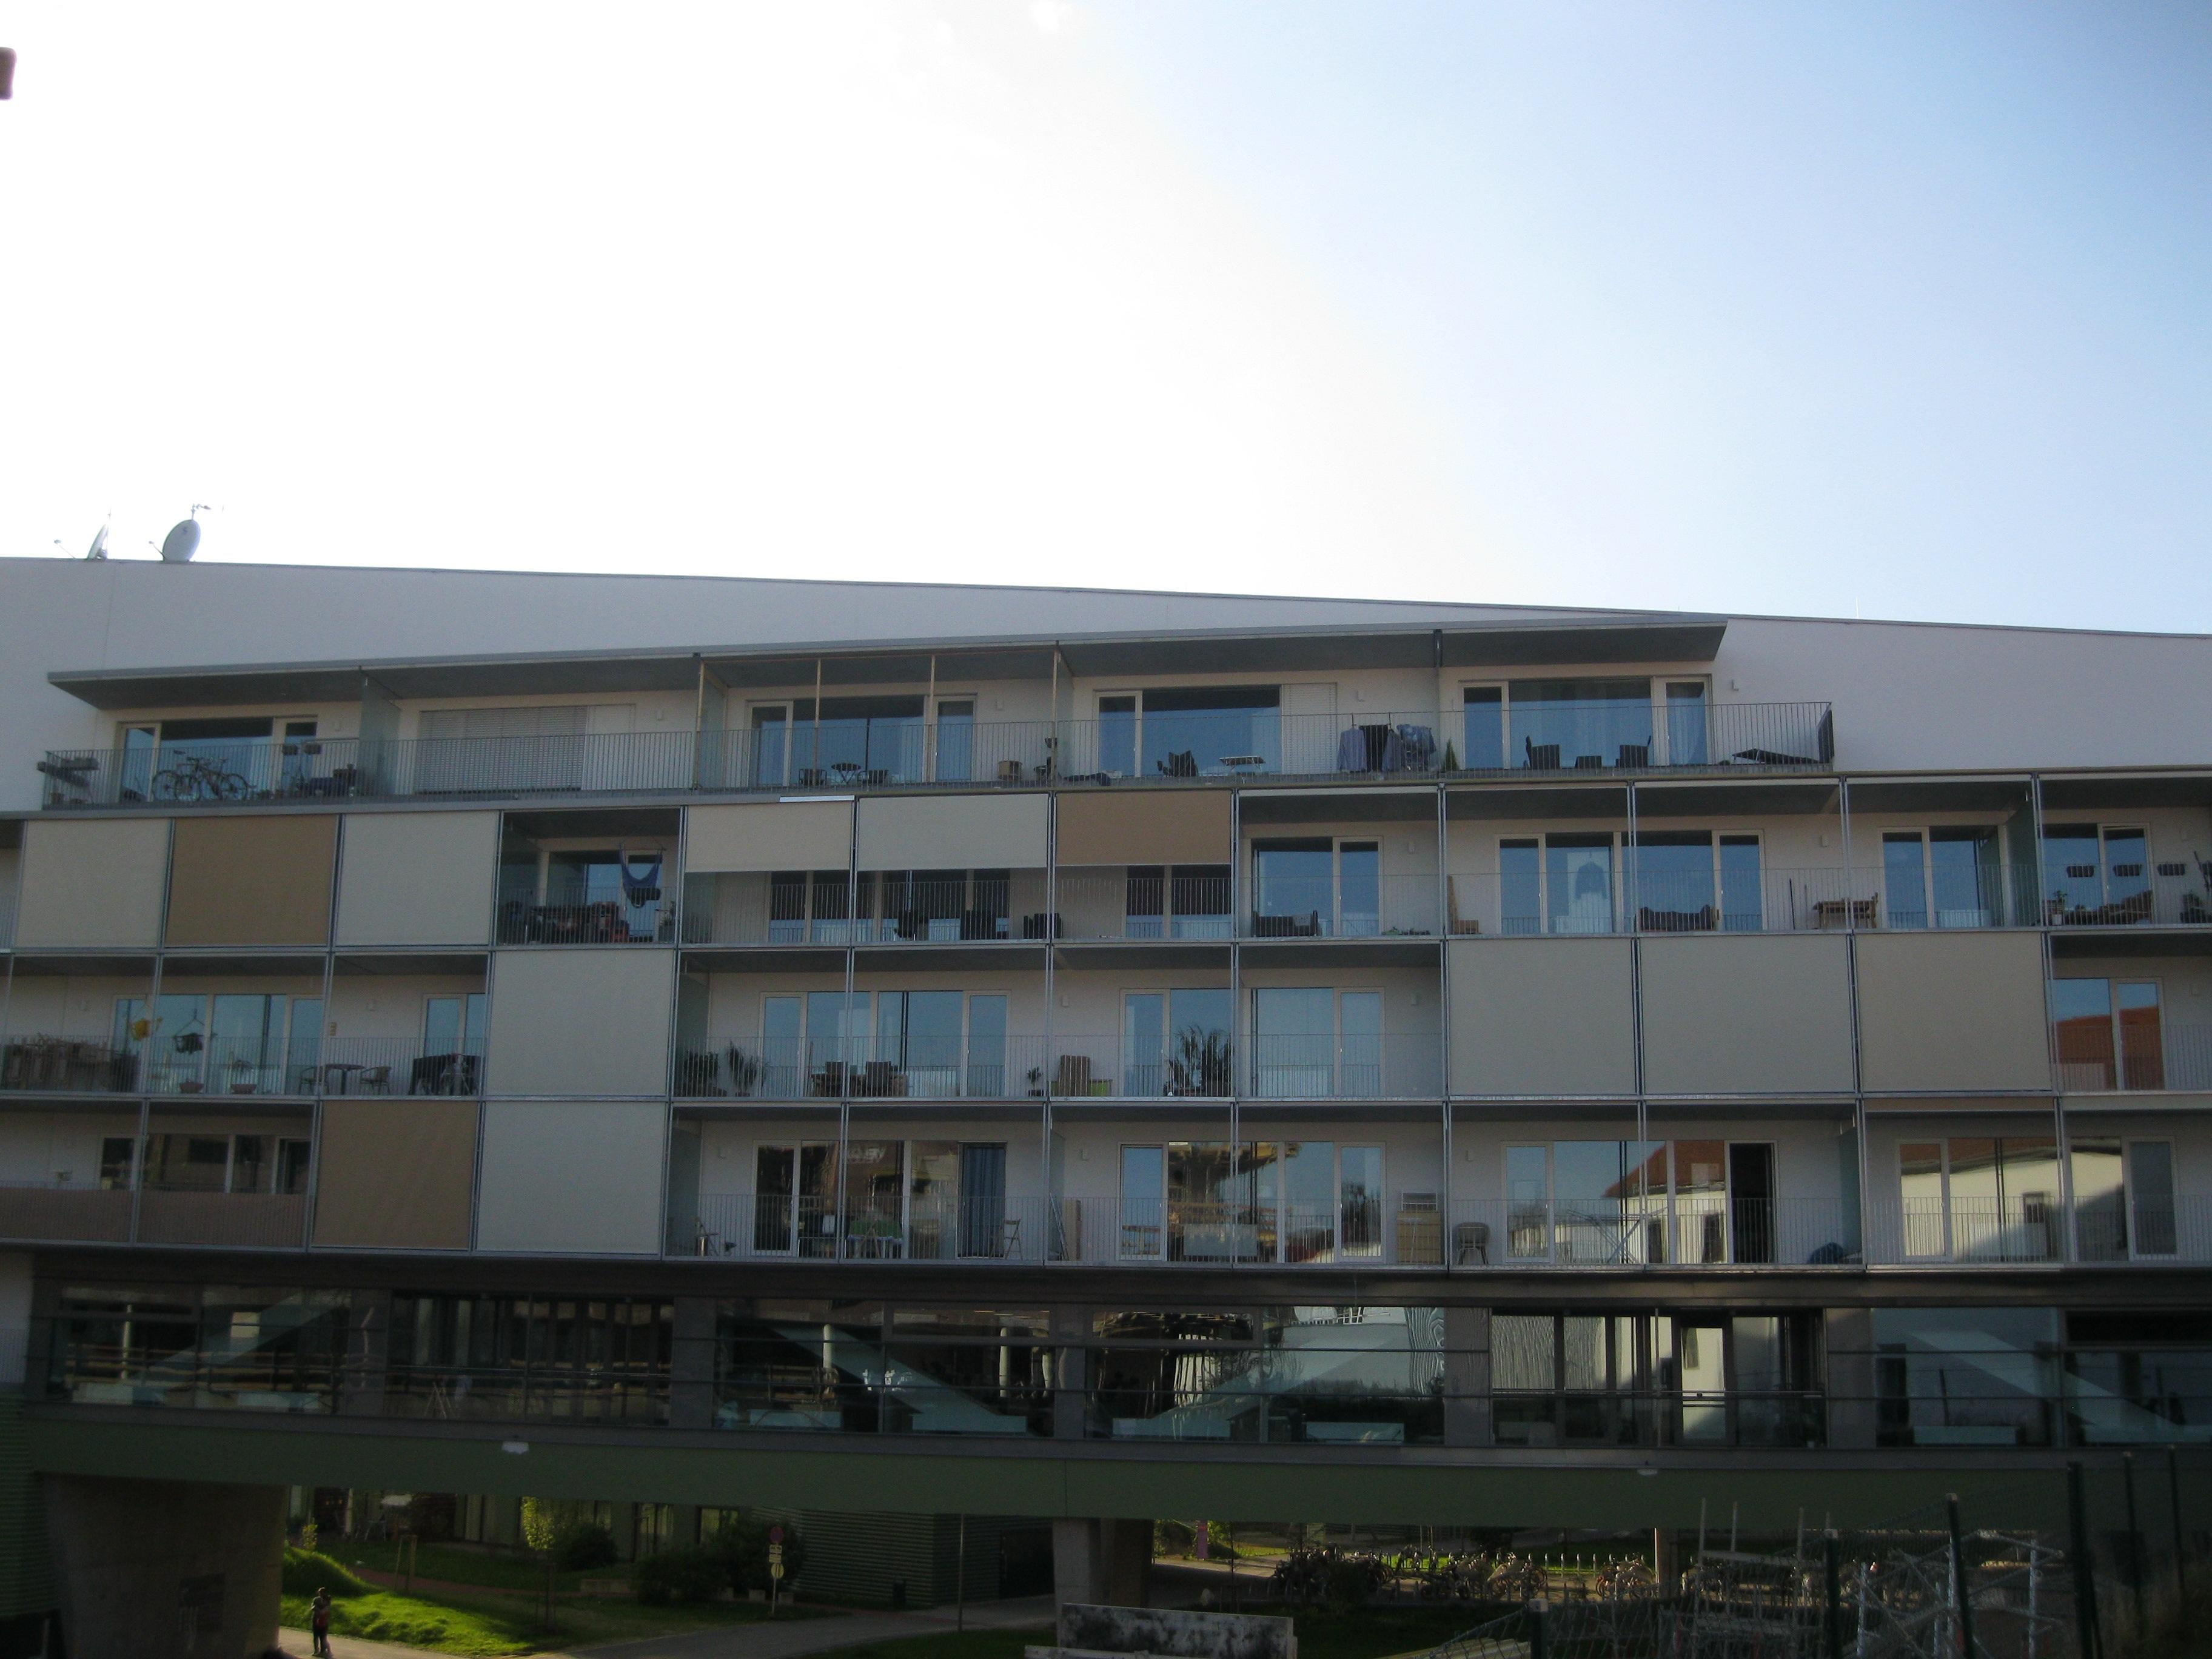 Jugend am Werk   Wohngemeinschaft Klosterwiesgasse Teilzeitbetreutes Wohnen, Klosterwiesgasse 105b, 8010, Austria